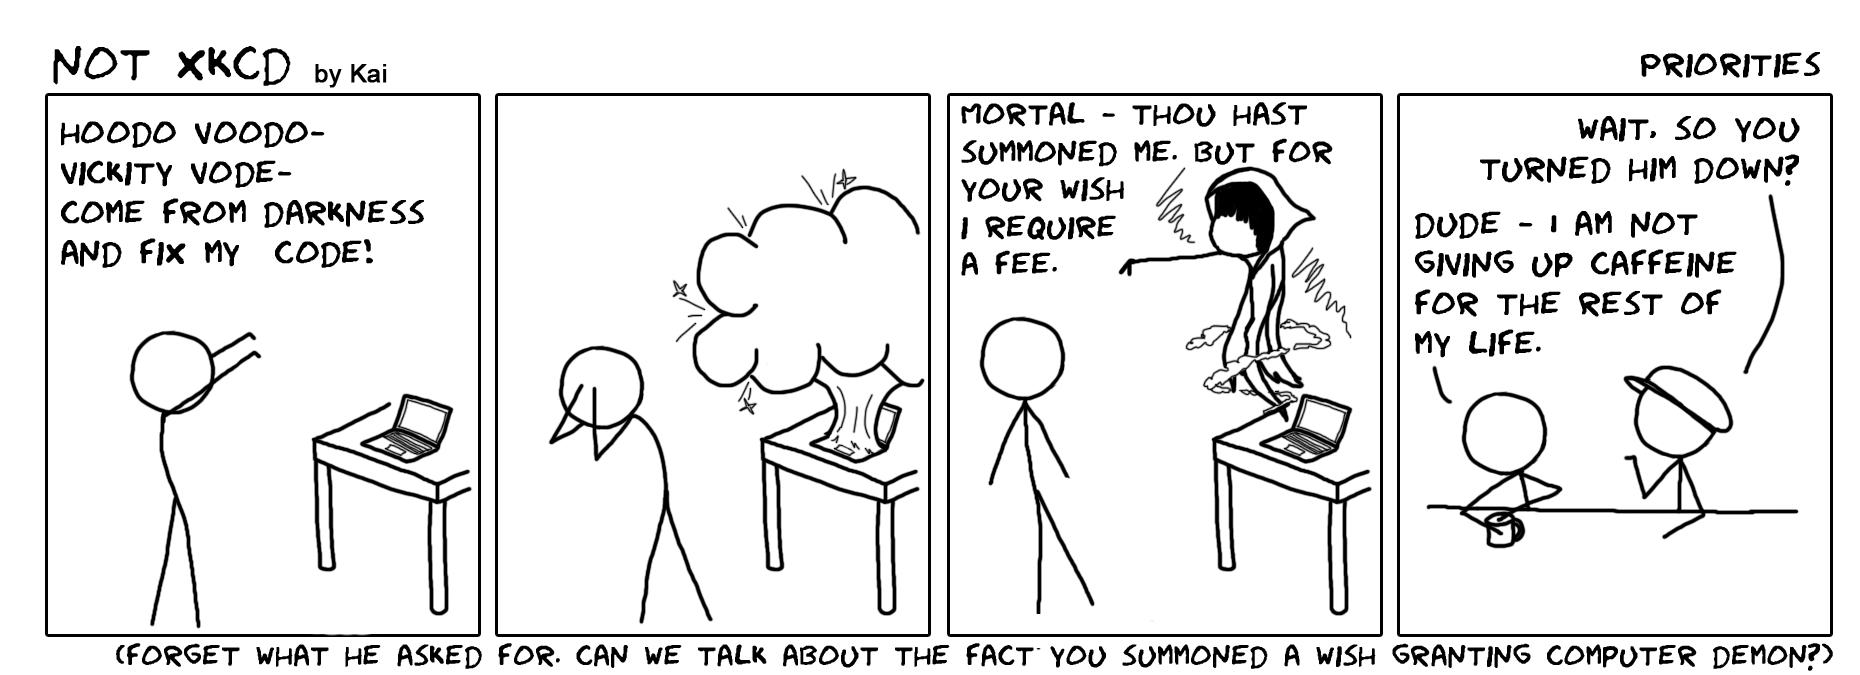 notxkcd_priorities